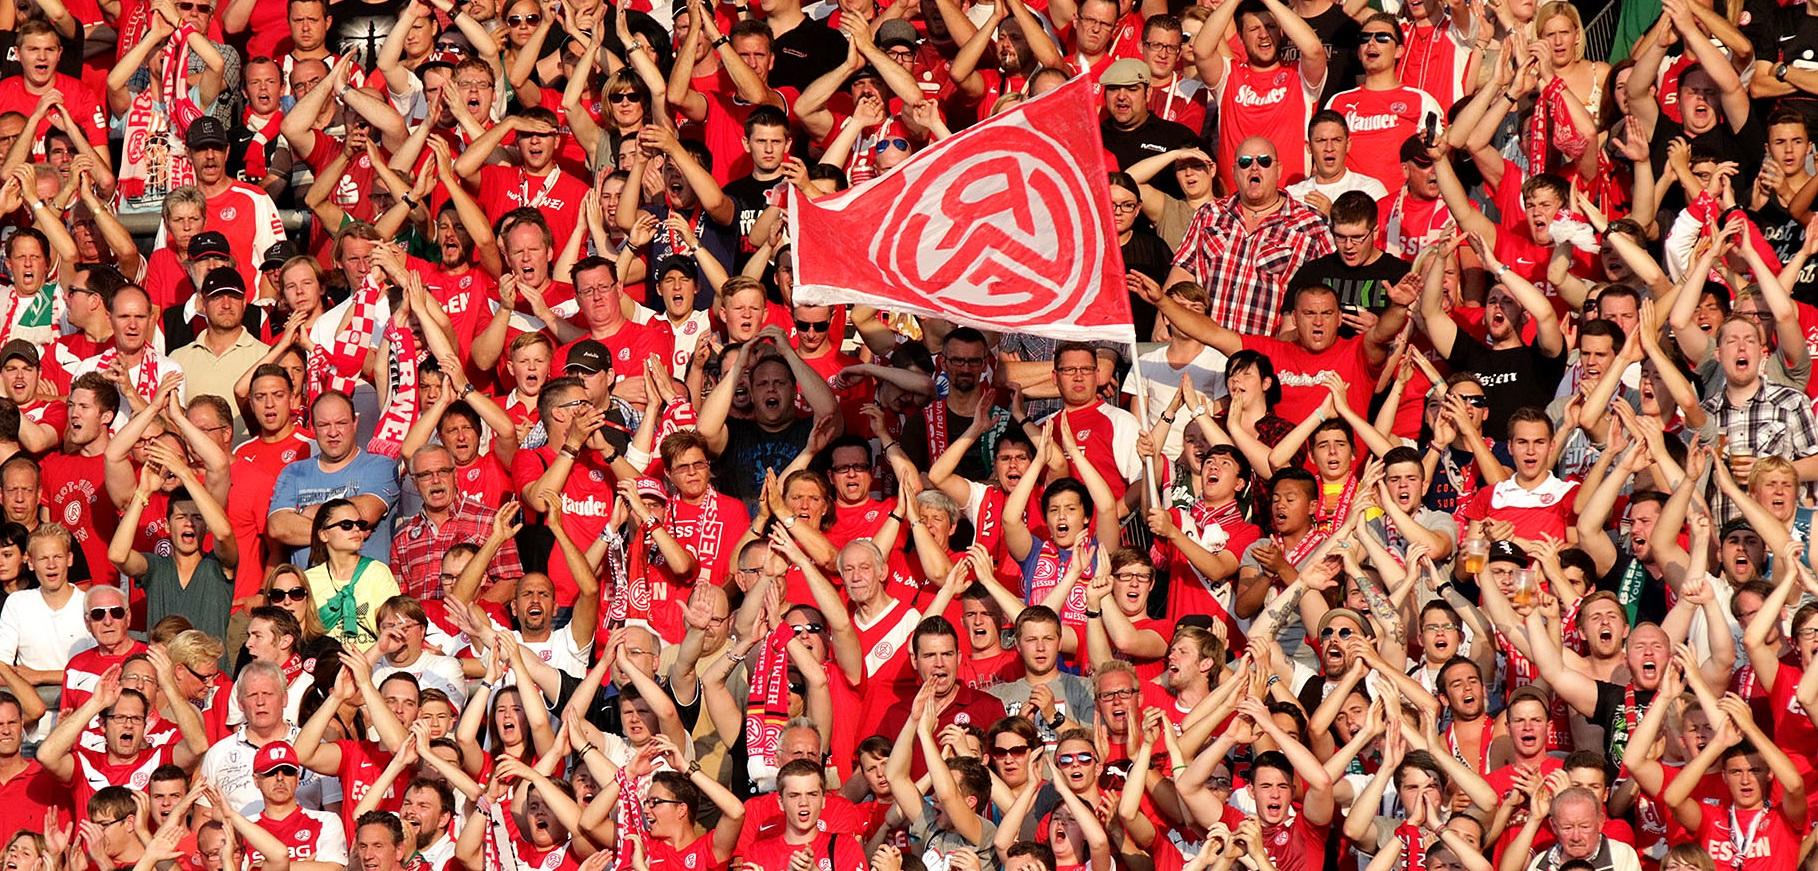 Am Samstag ist Rot-Weiss Essen zu Gast im Paul-Janes-Stadion bei der U23 von Fortuna Düsseldorf. (Foto: Gohl)